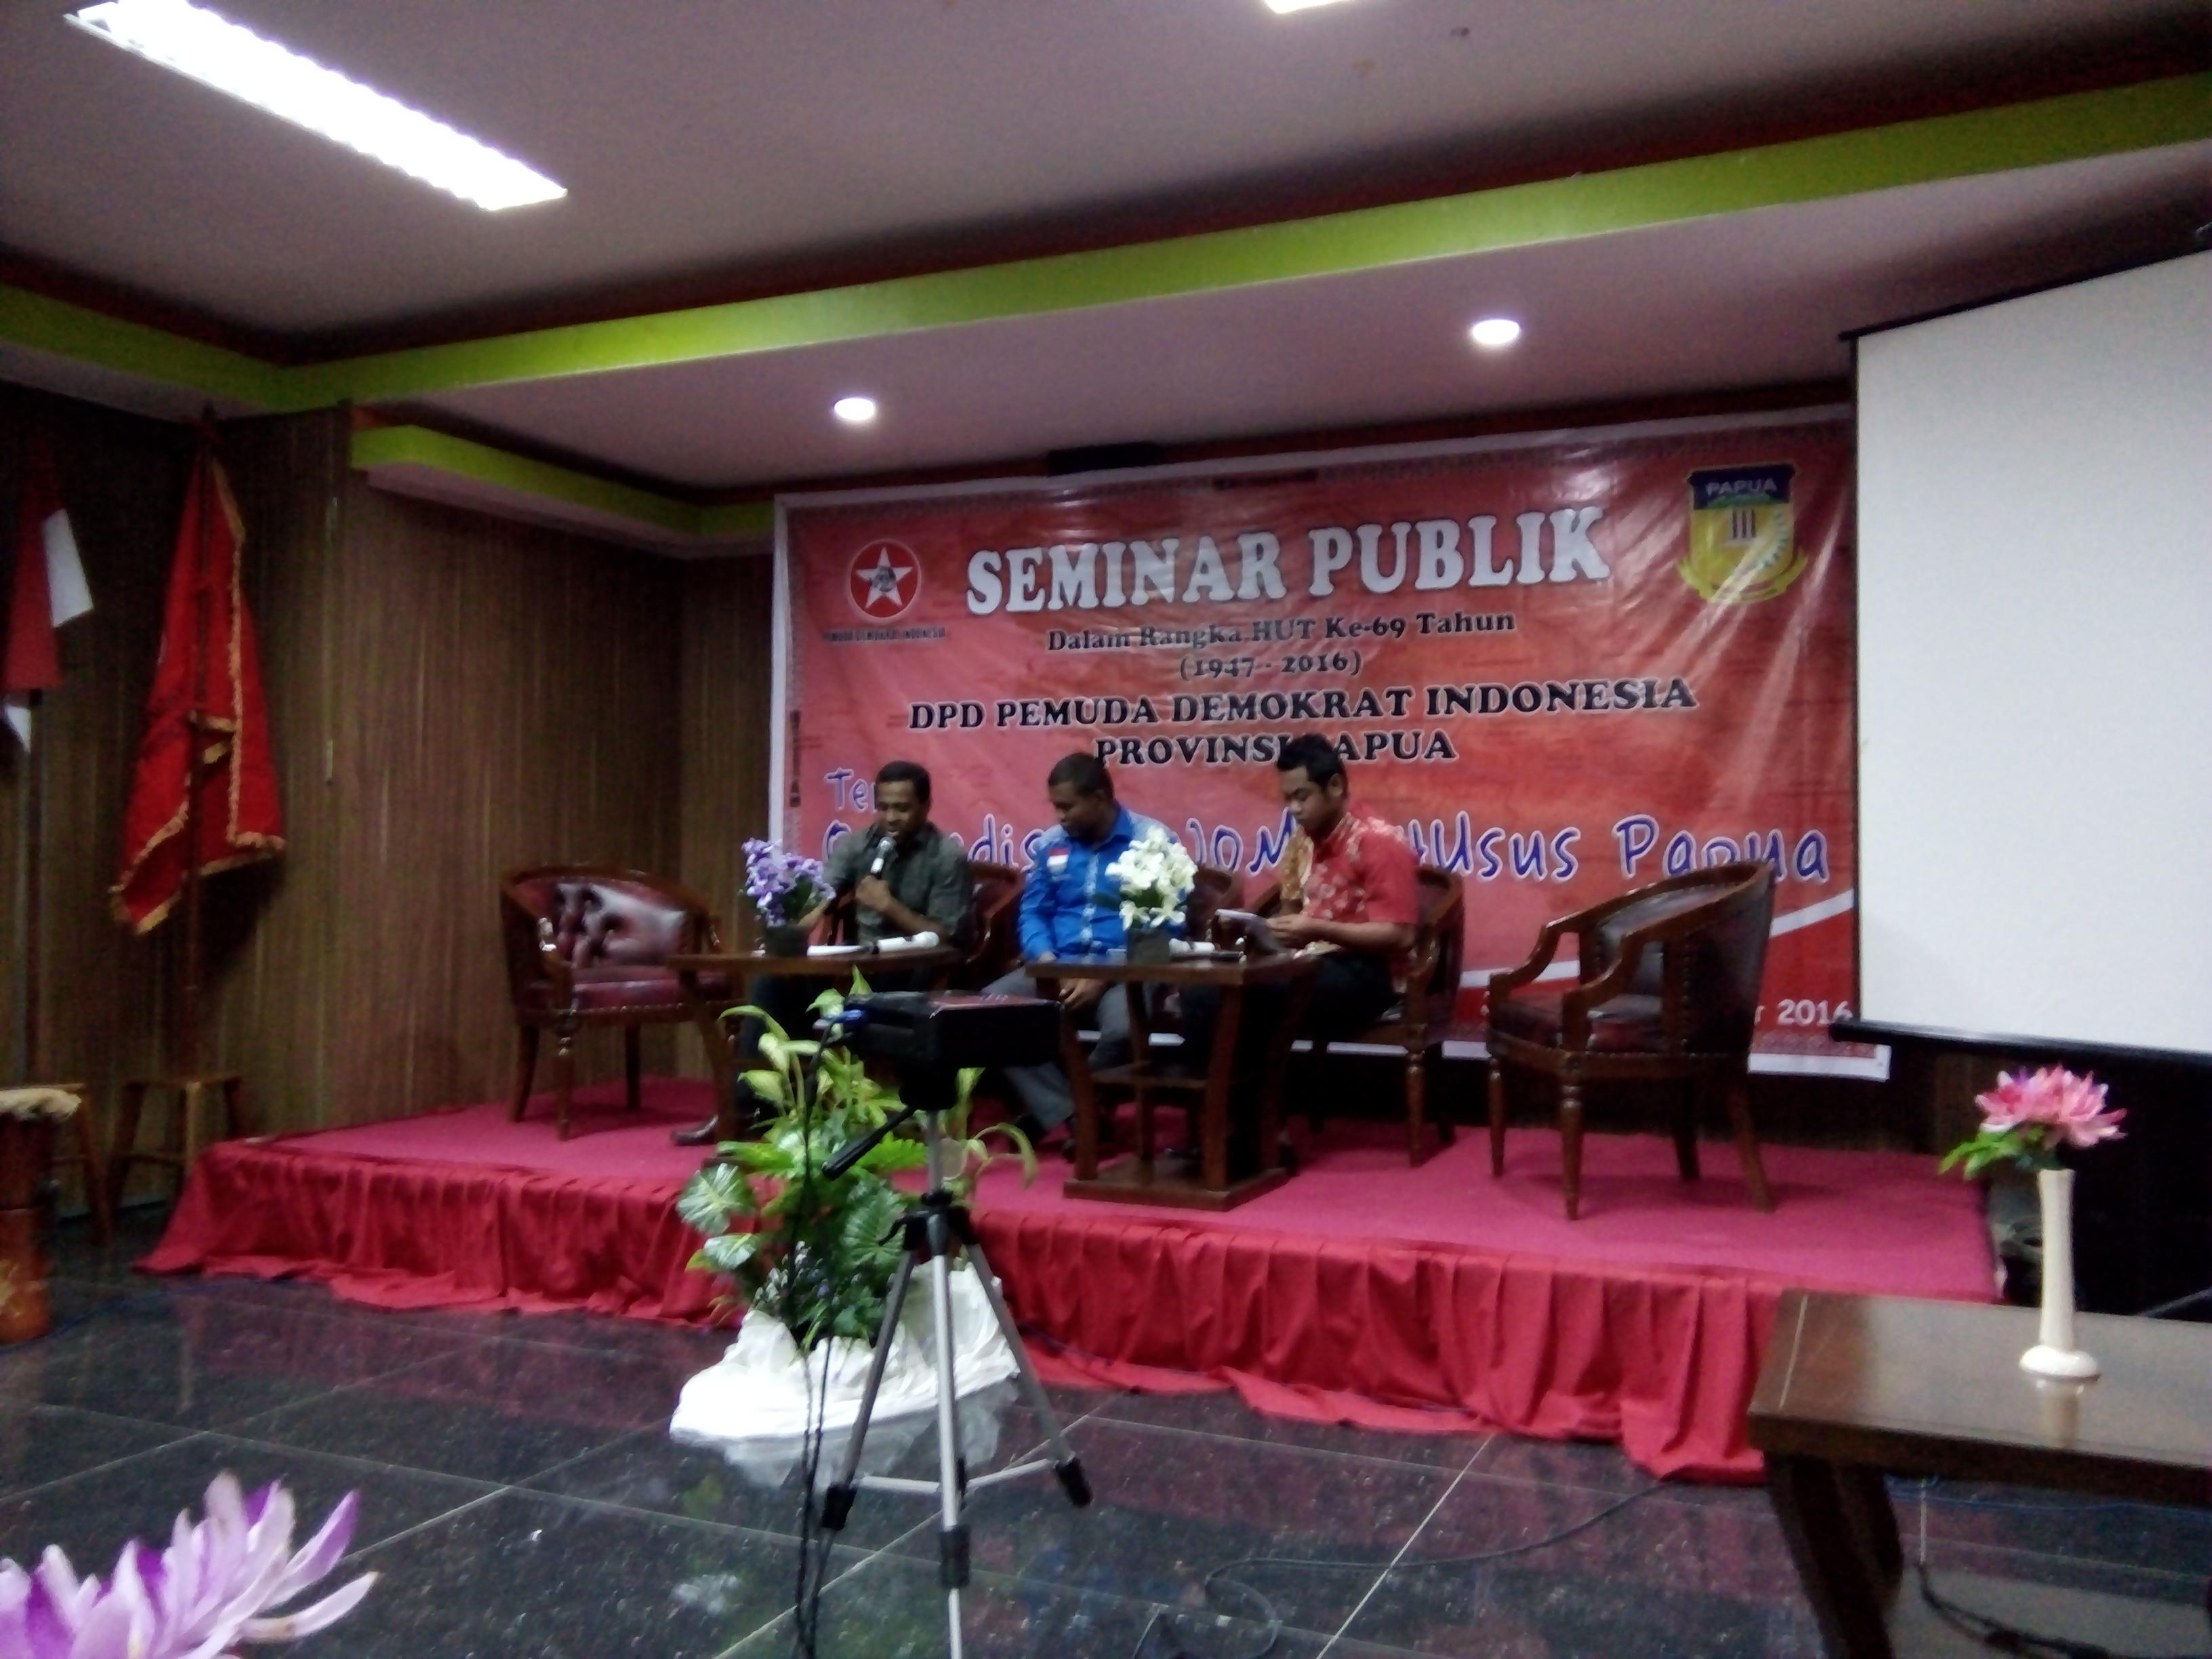 Seminar Publik Quovadis Otonomi Khusus Papua oleh Pemuda Demokrat